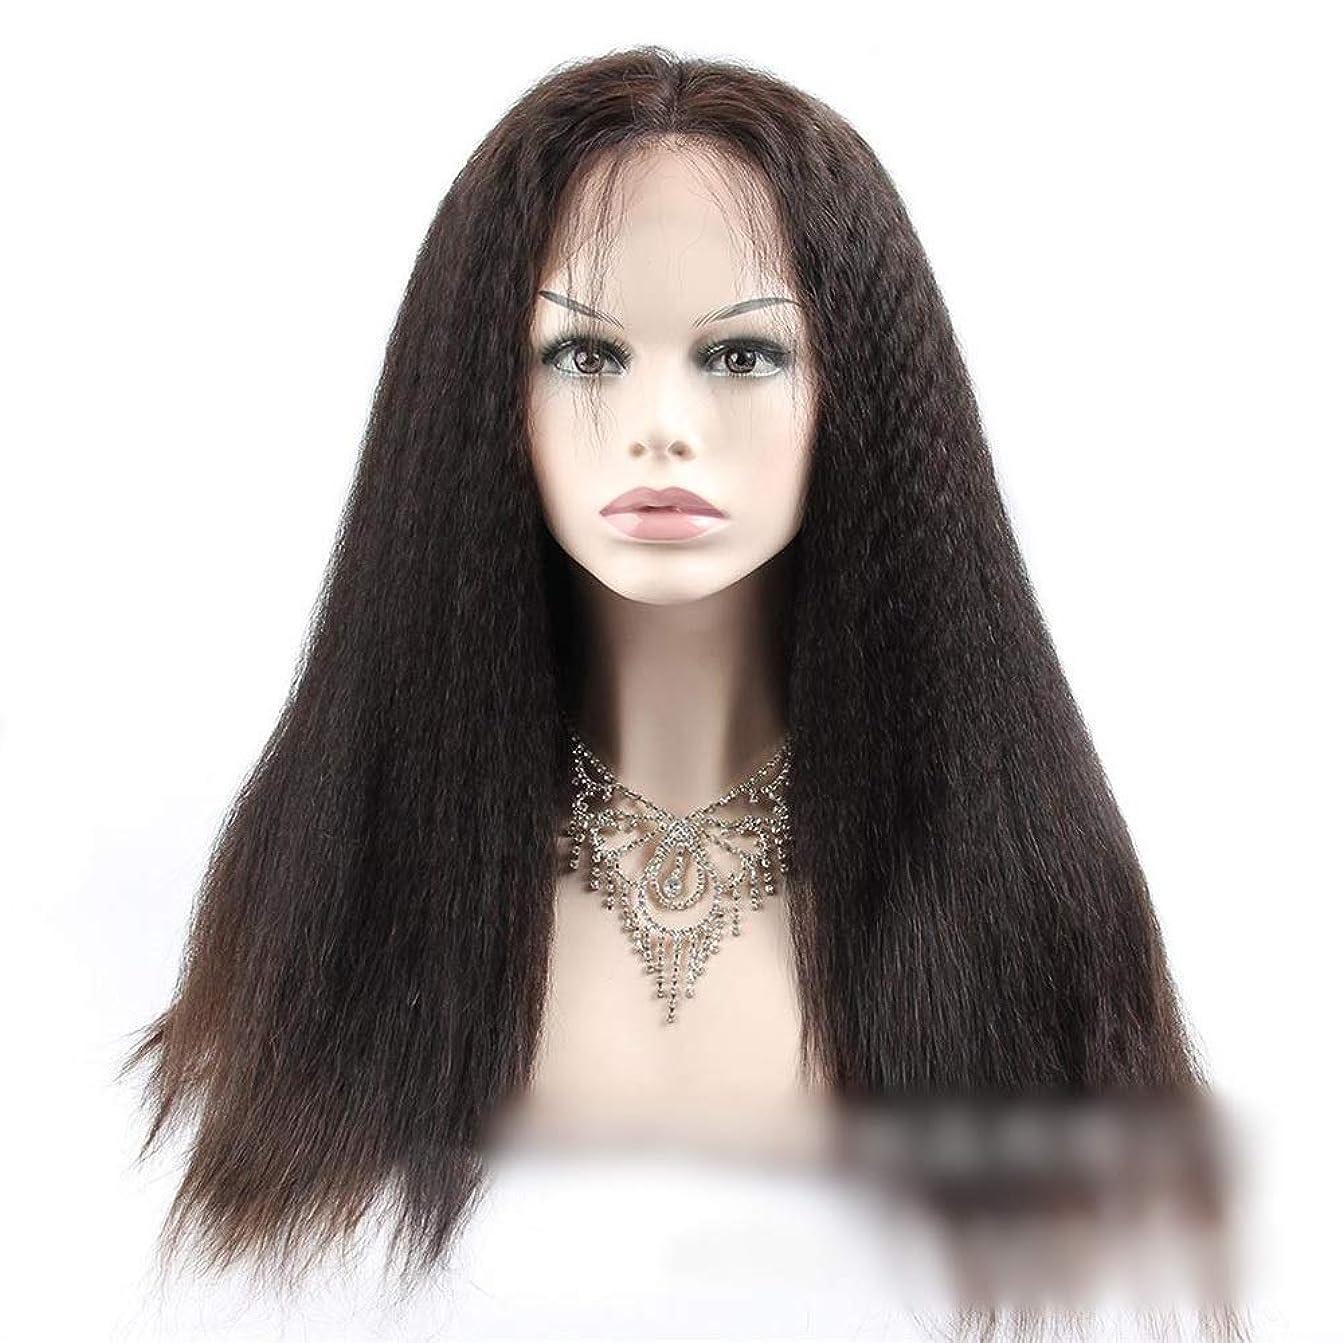 作曲する疑い者五月BOBIDYEE 360人間の髪の毛のレースの閉鎖前頭変態ストレートヘア高密度ヘアエクステンション小さなカーリーウィッグ (色 : 黒, サイズ : 22 inch)